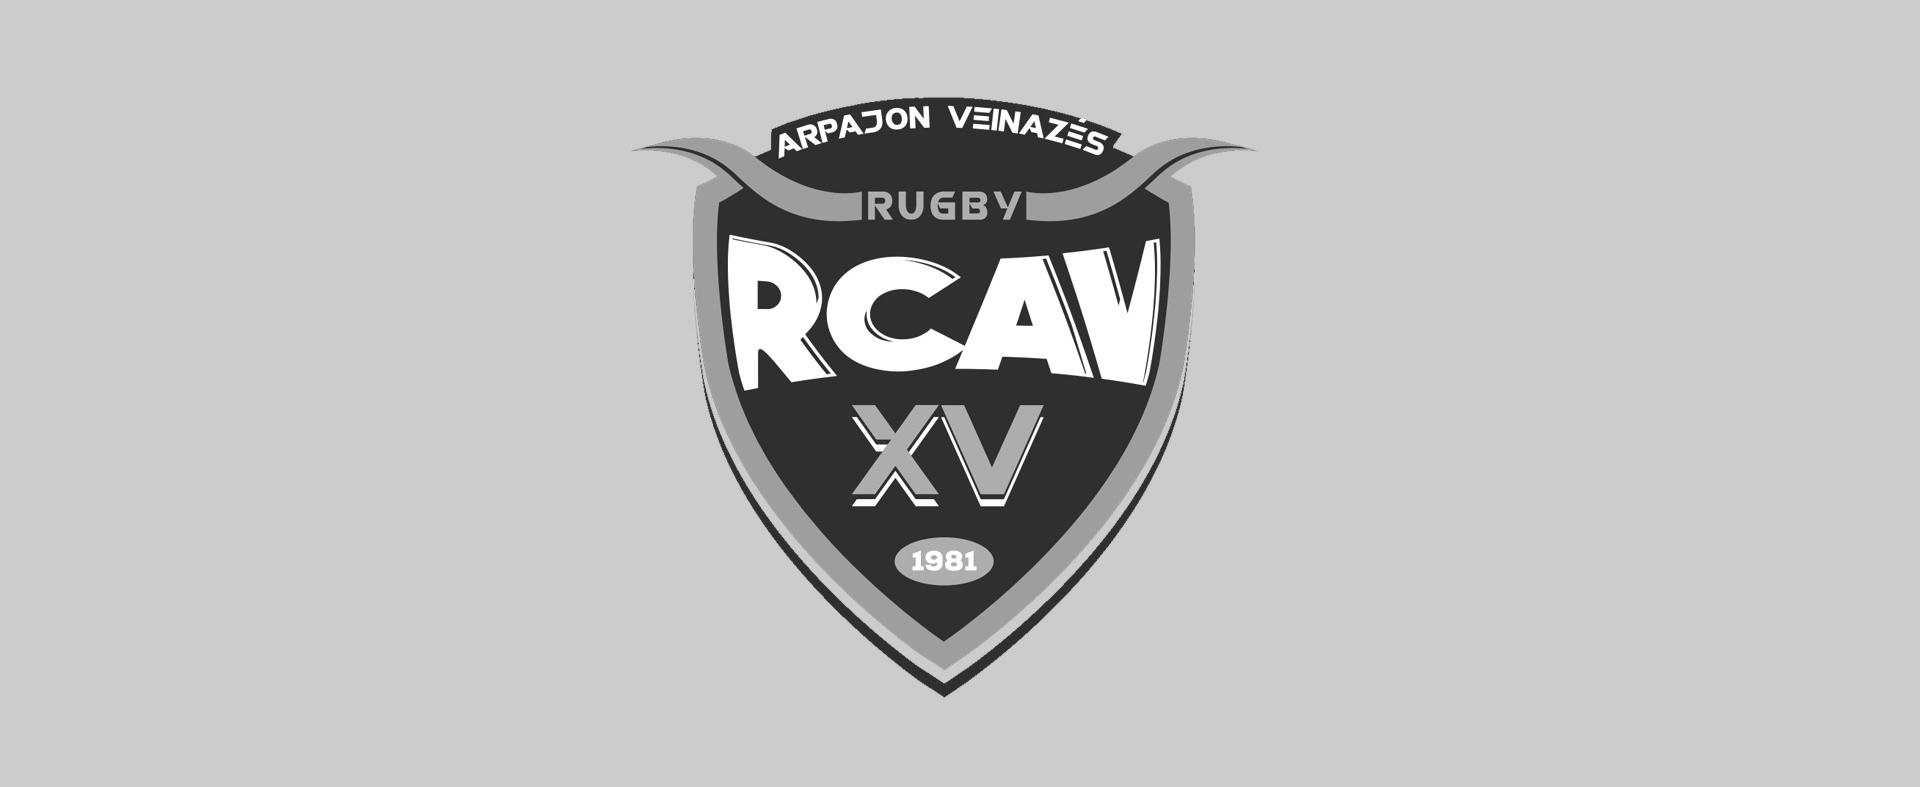 https://www.rcav15.com/wp-content/uploads/2019/12/2013v2.jpg